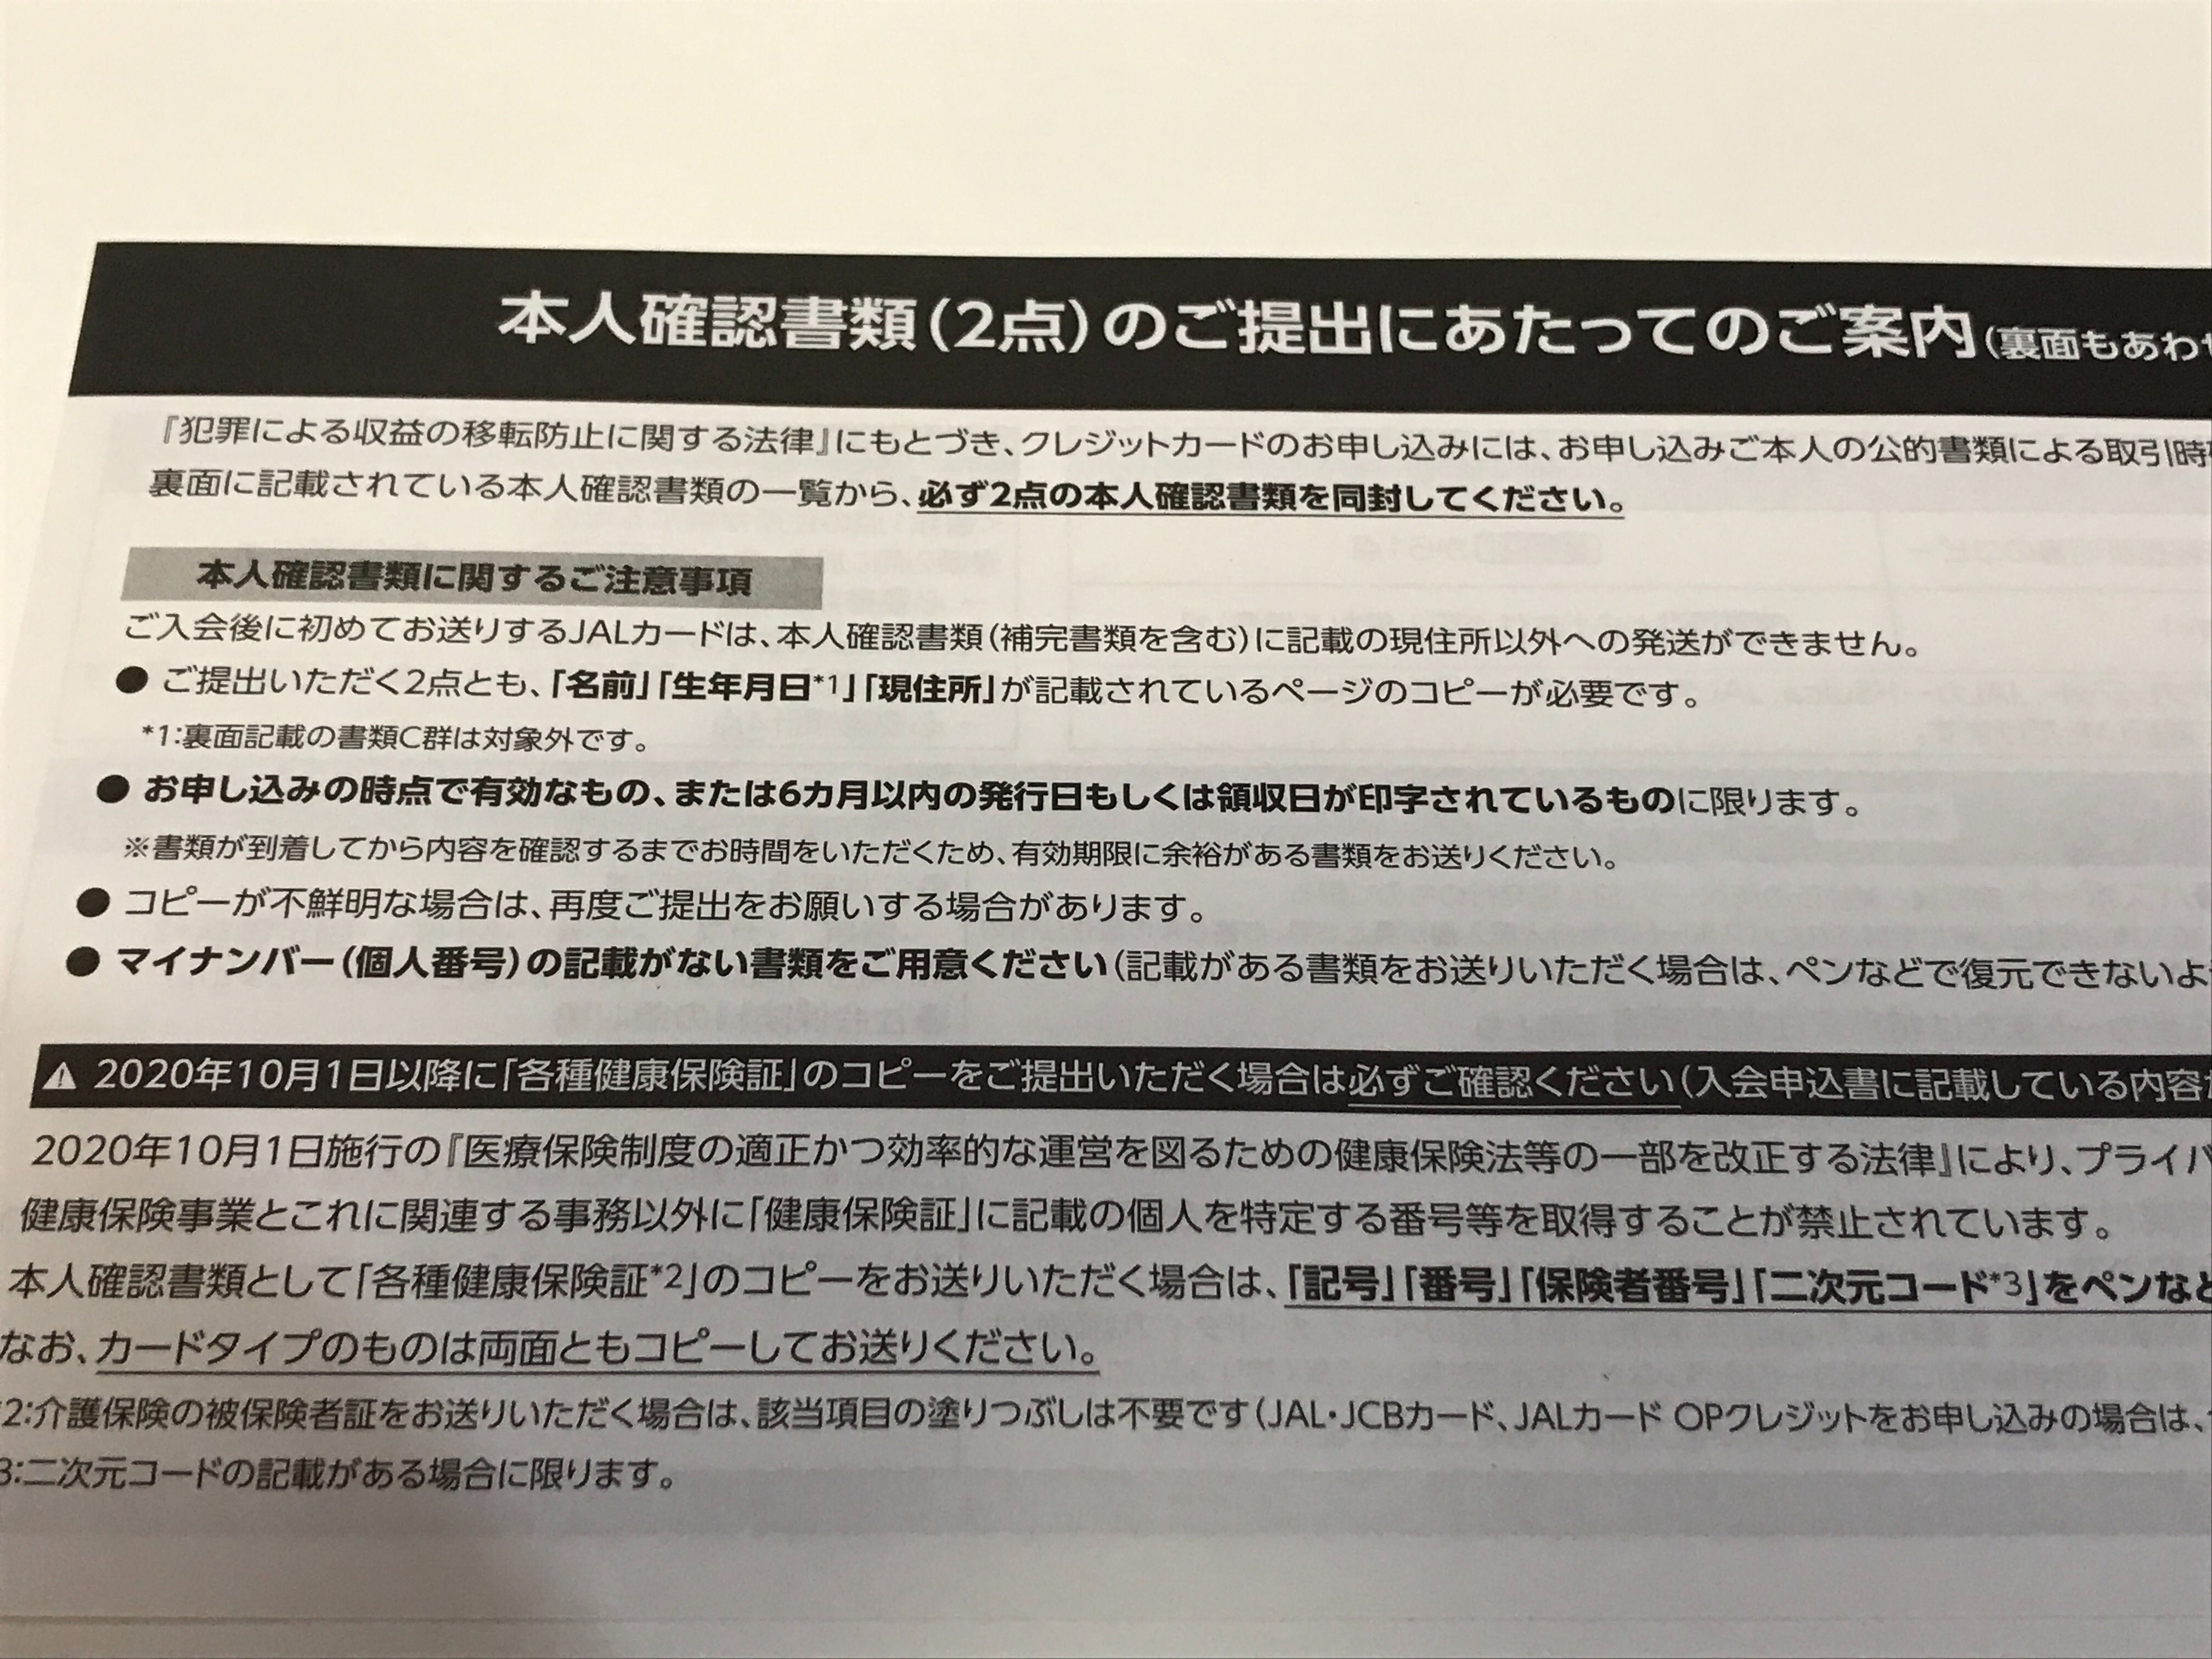 f:id:SeisoSakuya:20210404213234j:image